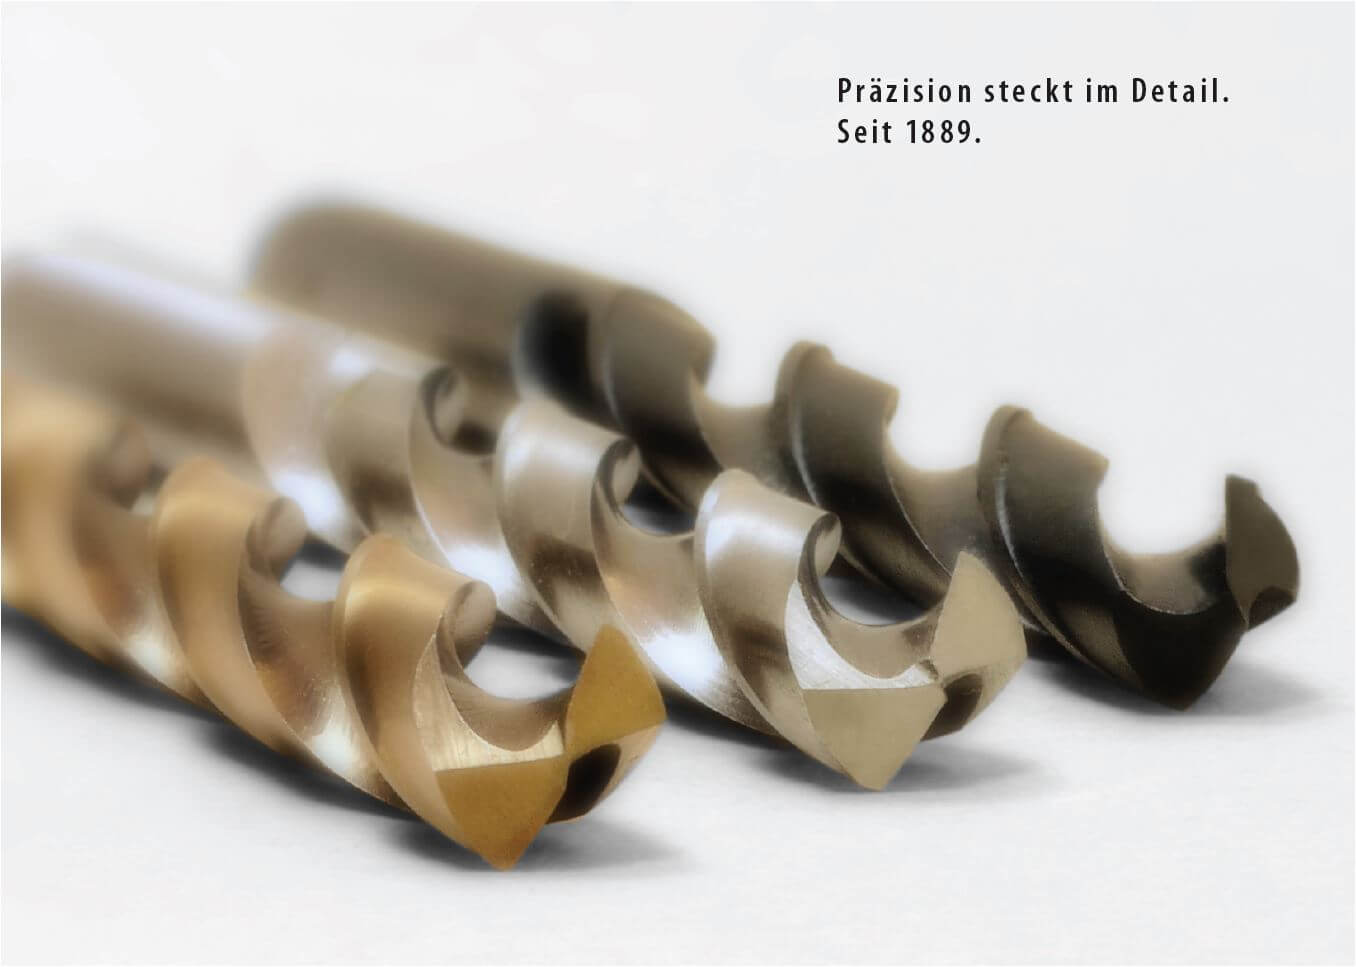 3 verschiedenene Spiralbohrer von GSR Gustav Stursberg in blank, rollgewalzt und TiN